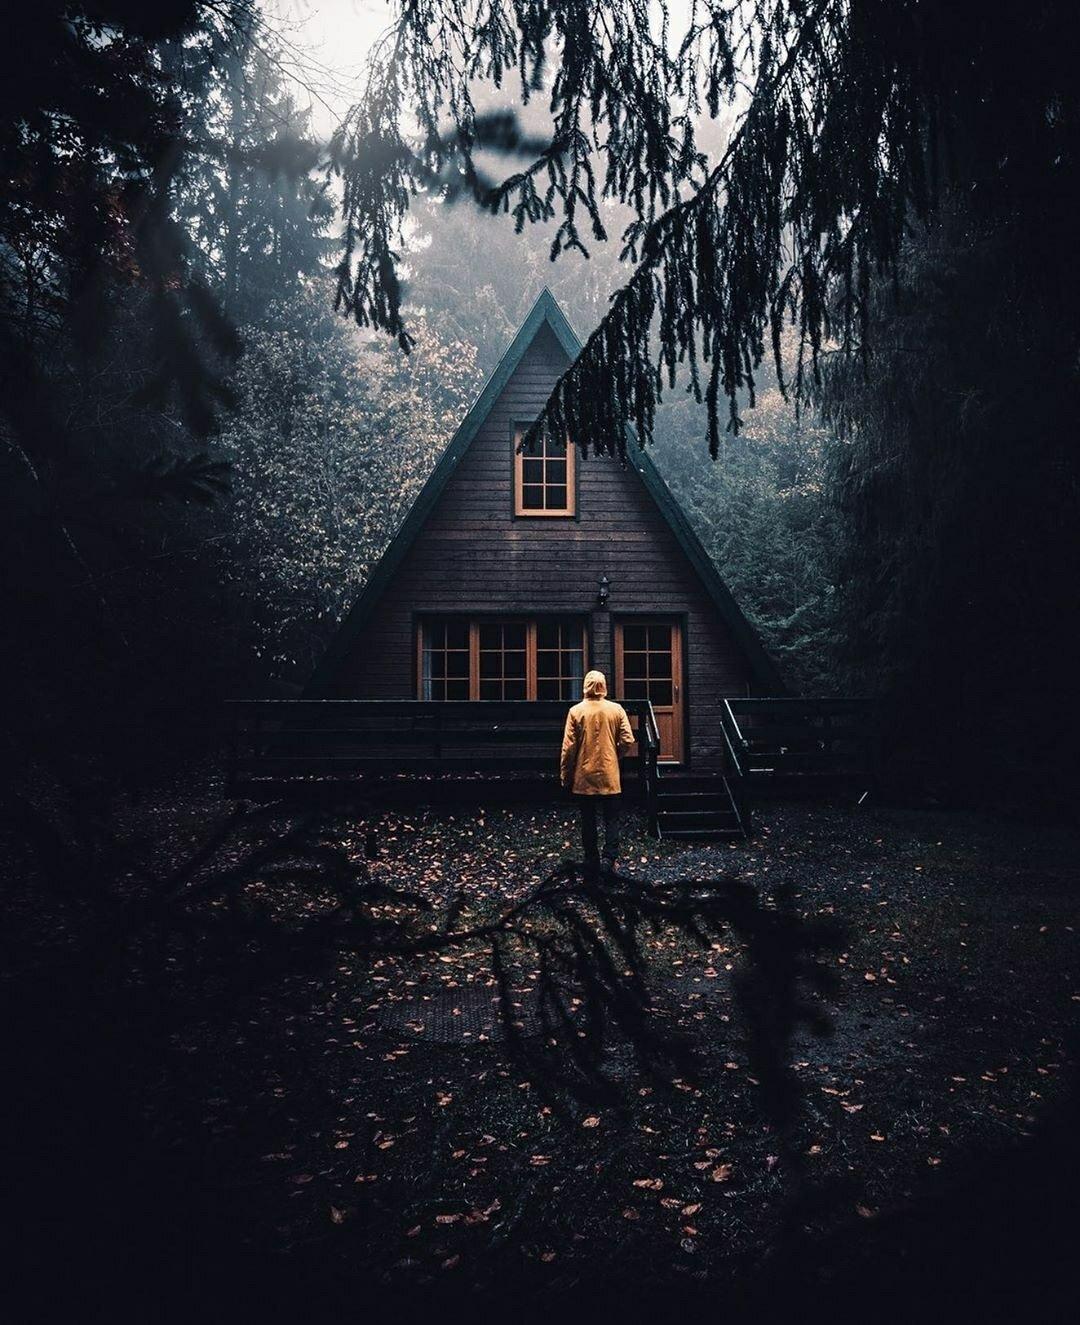 rainy cabin